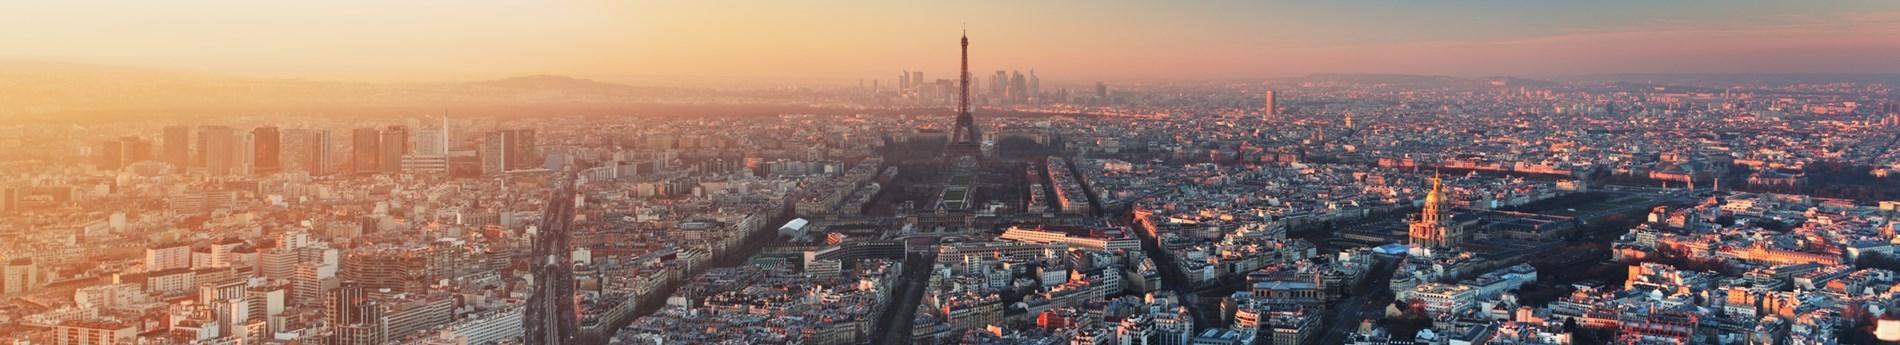 טיסות לפריז